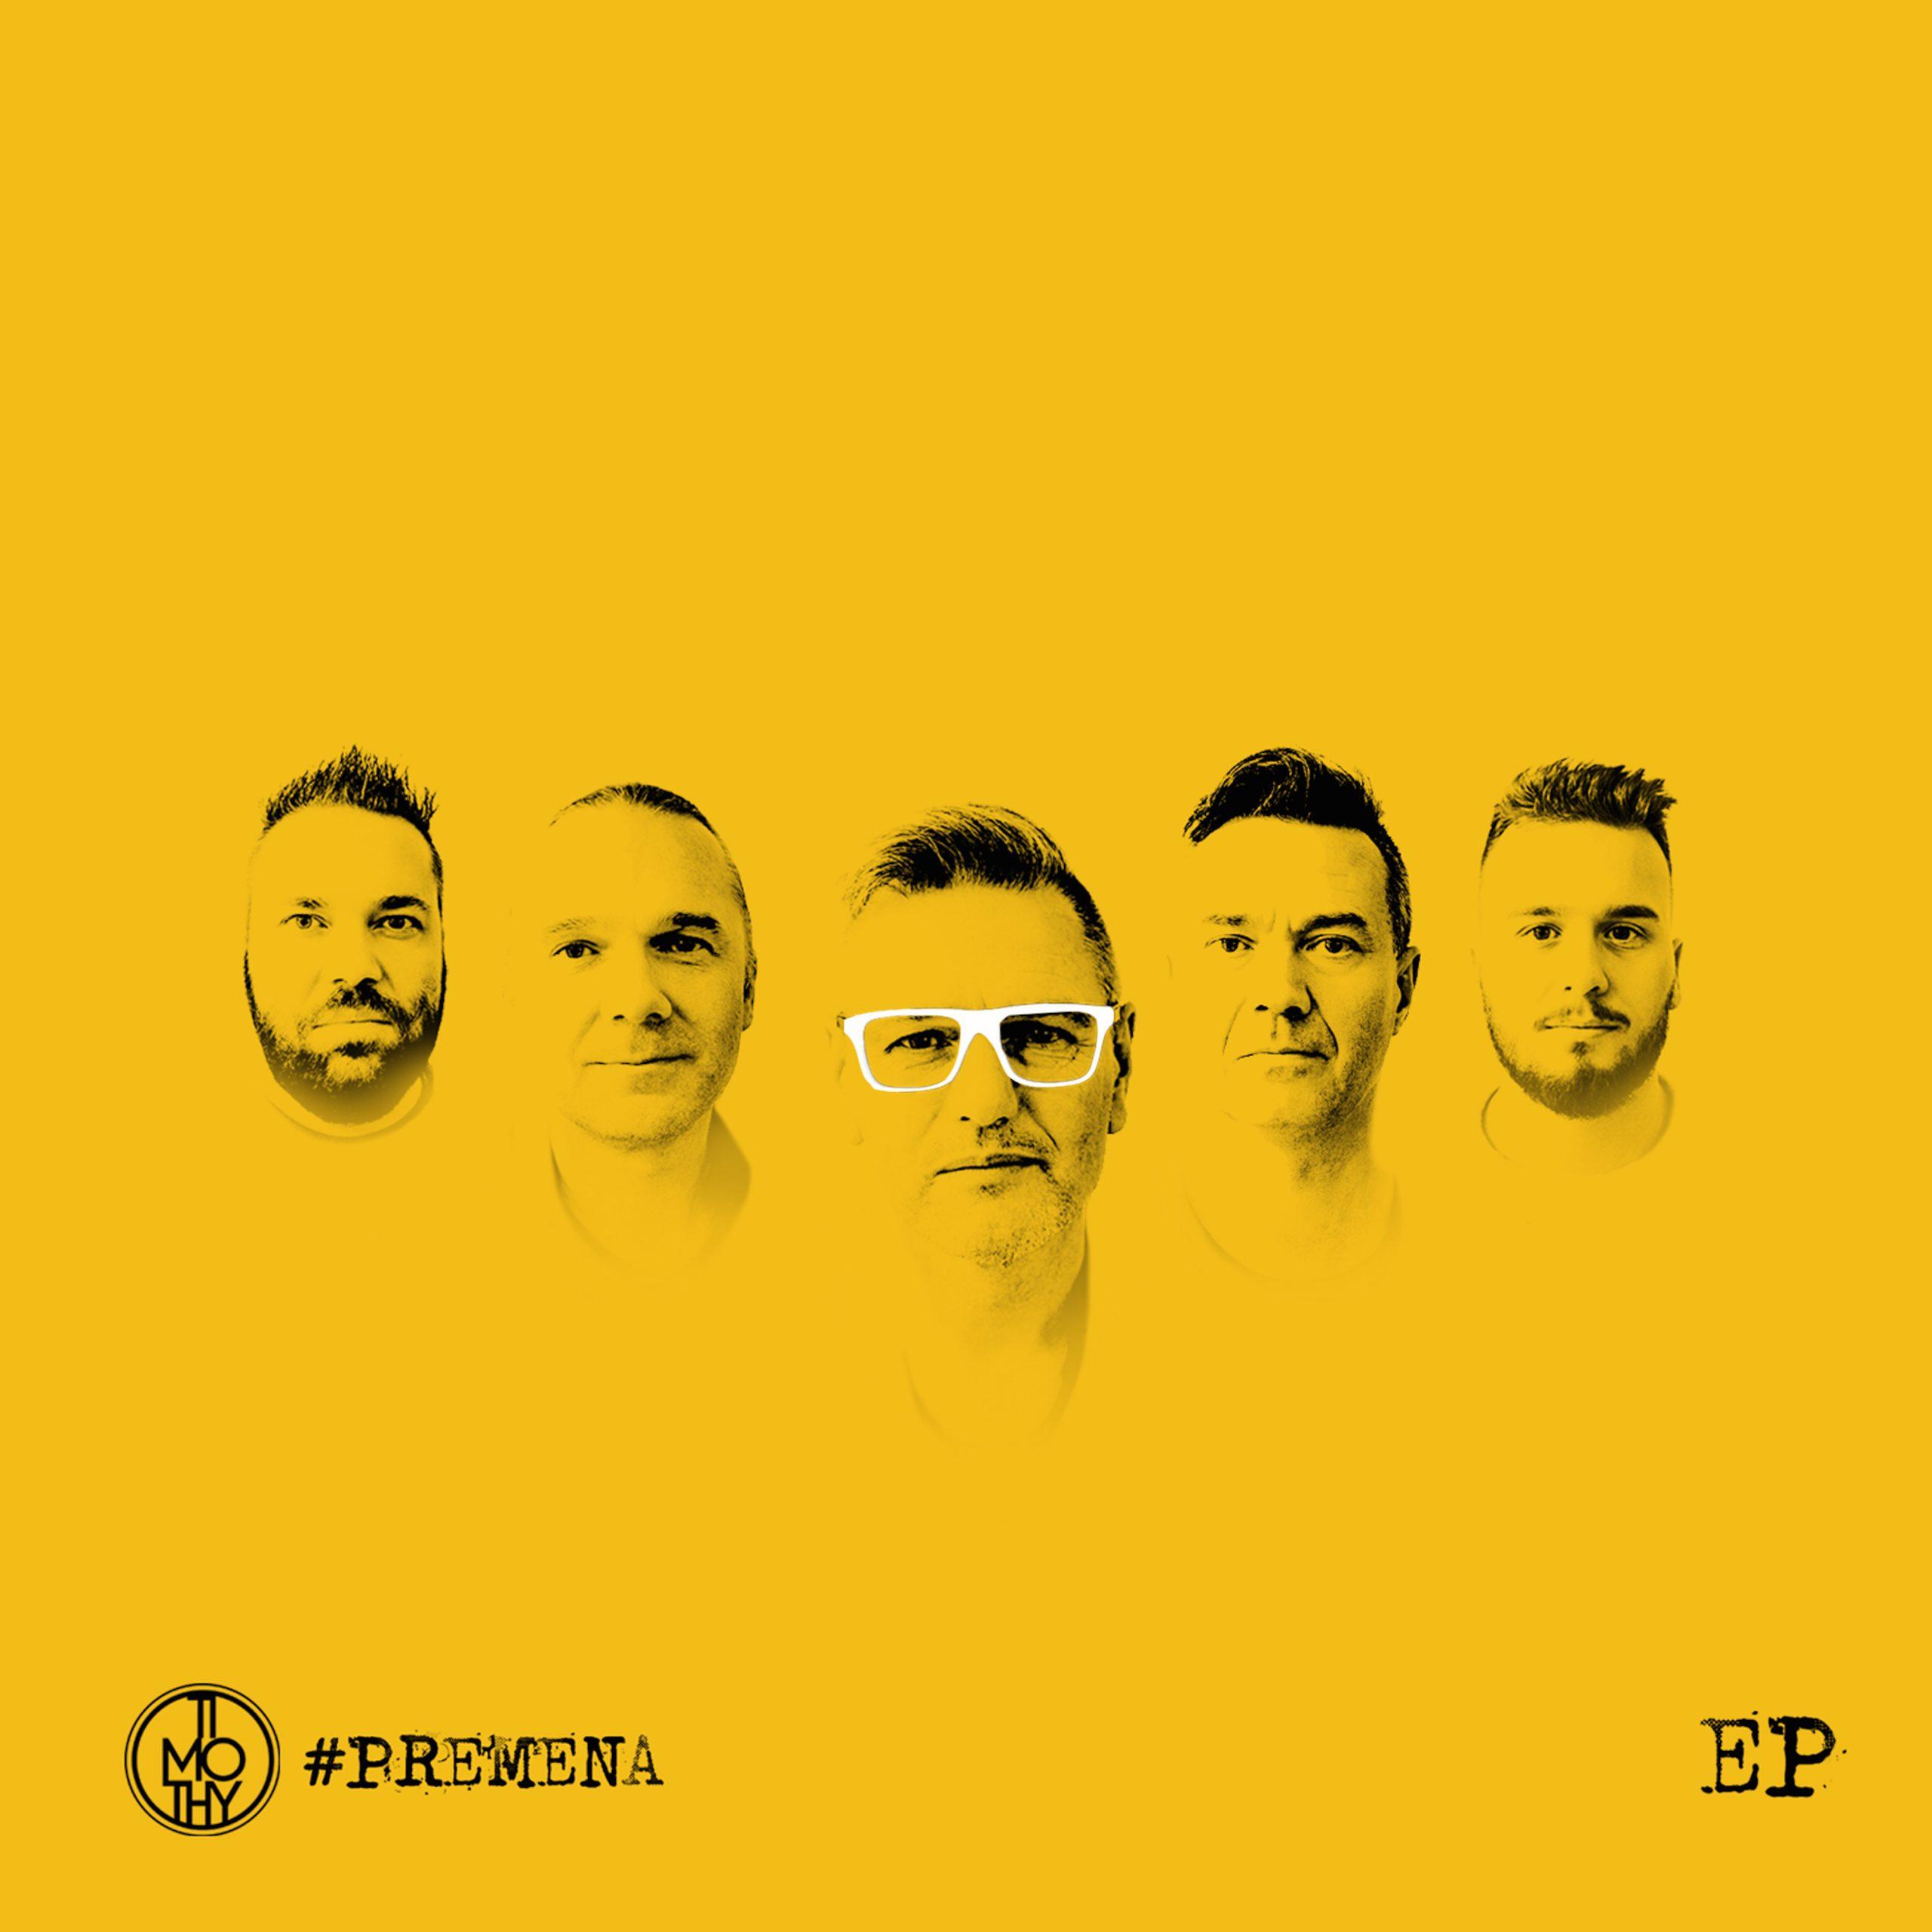 Timothy – 2020 – #Premena EP